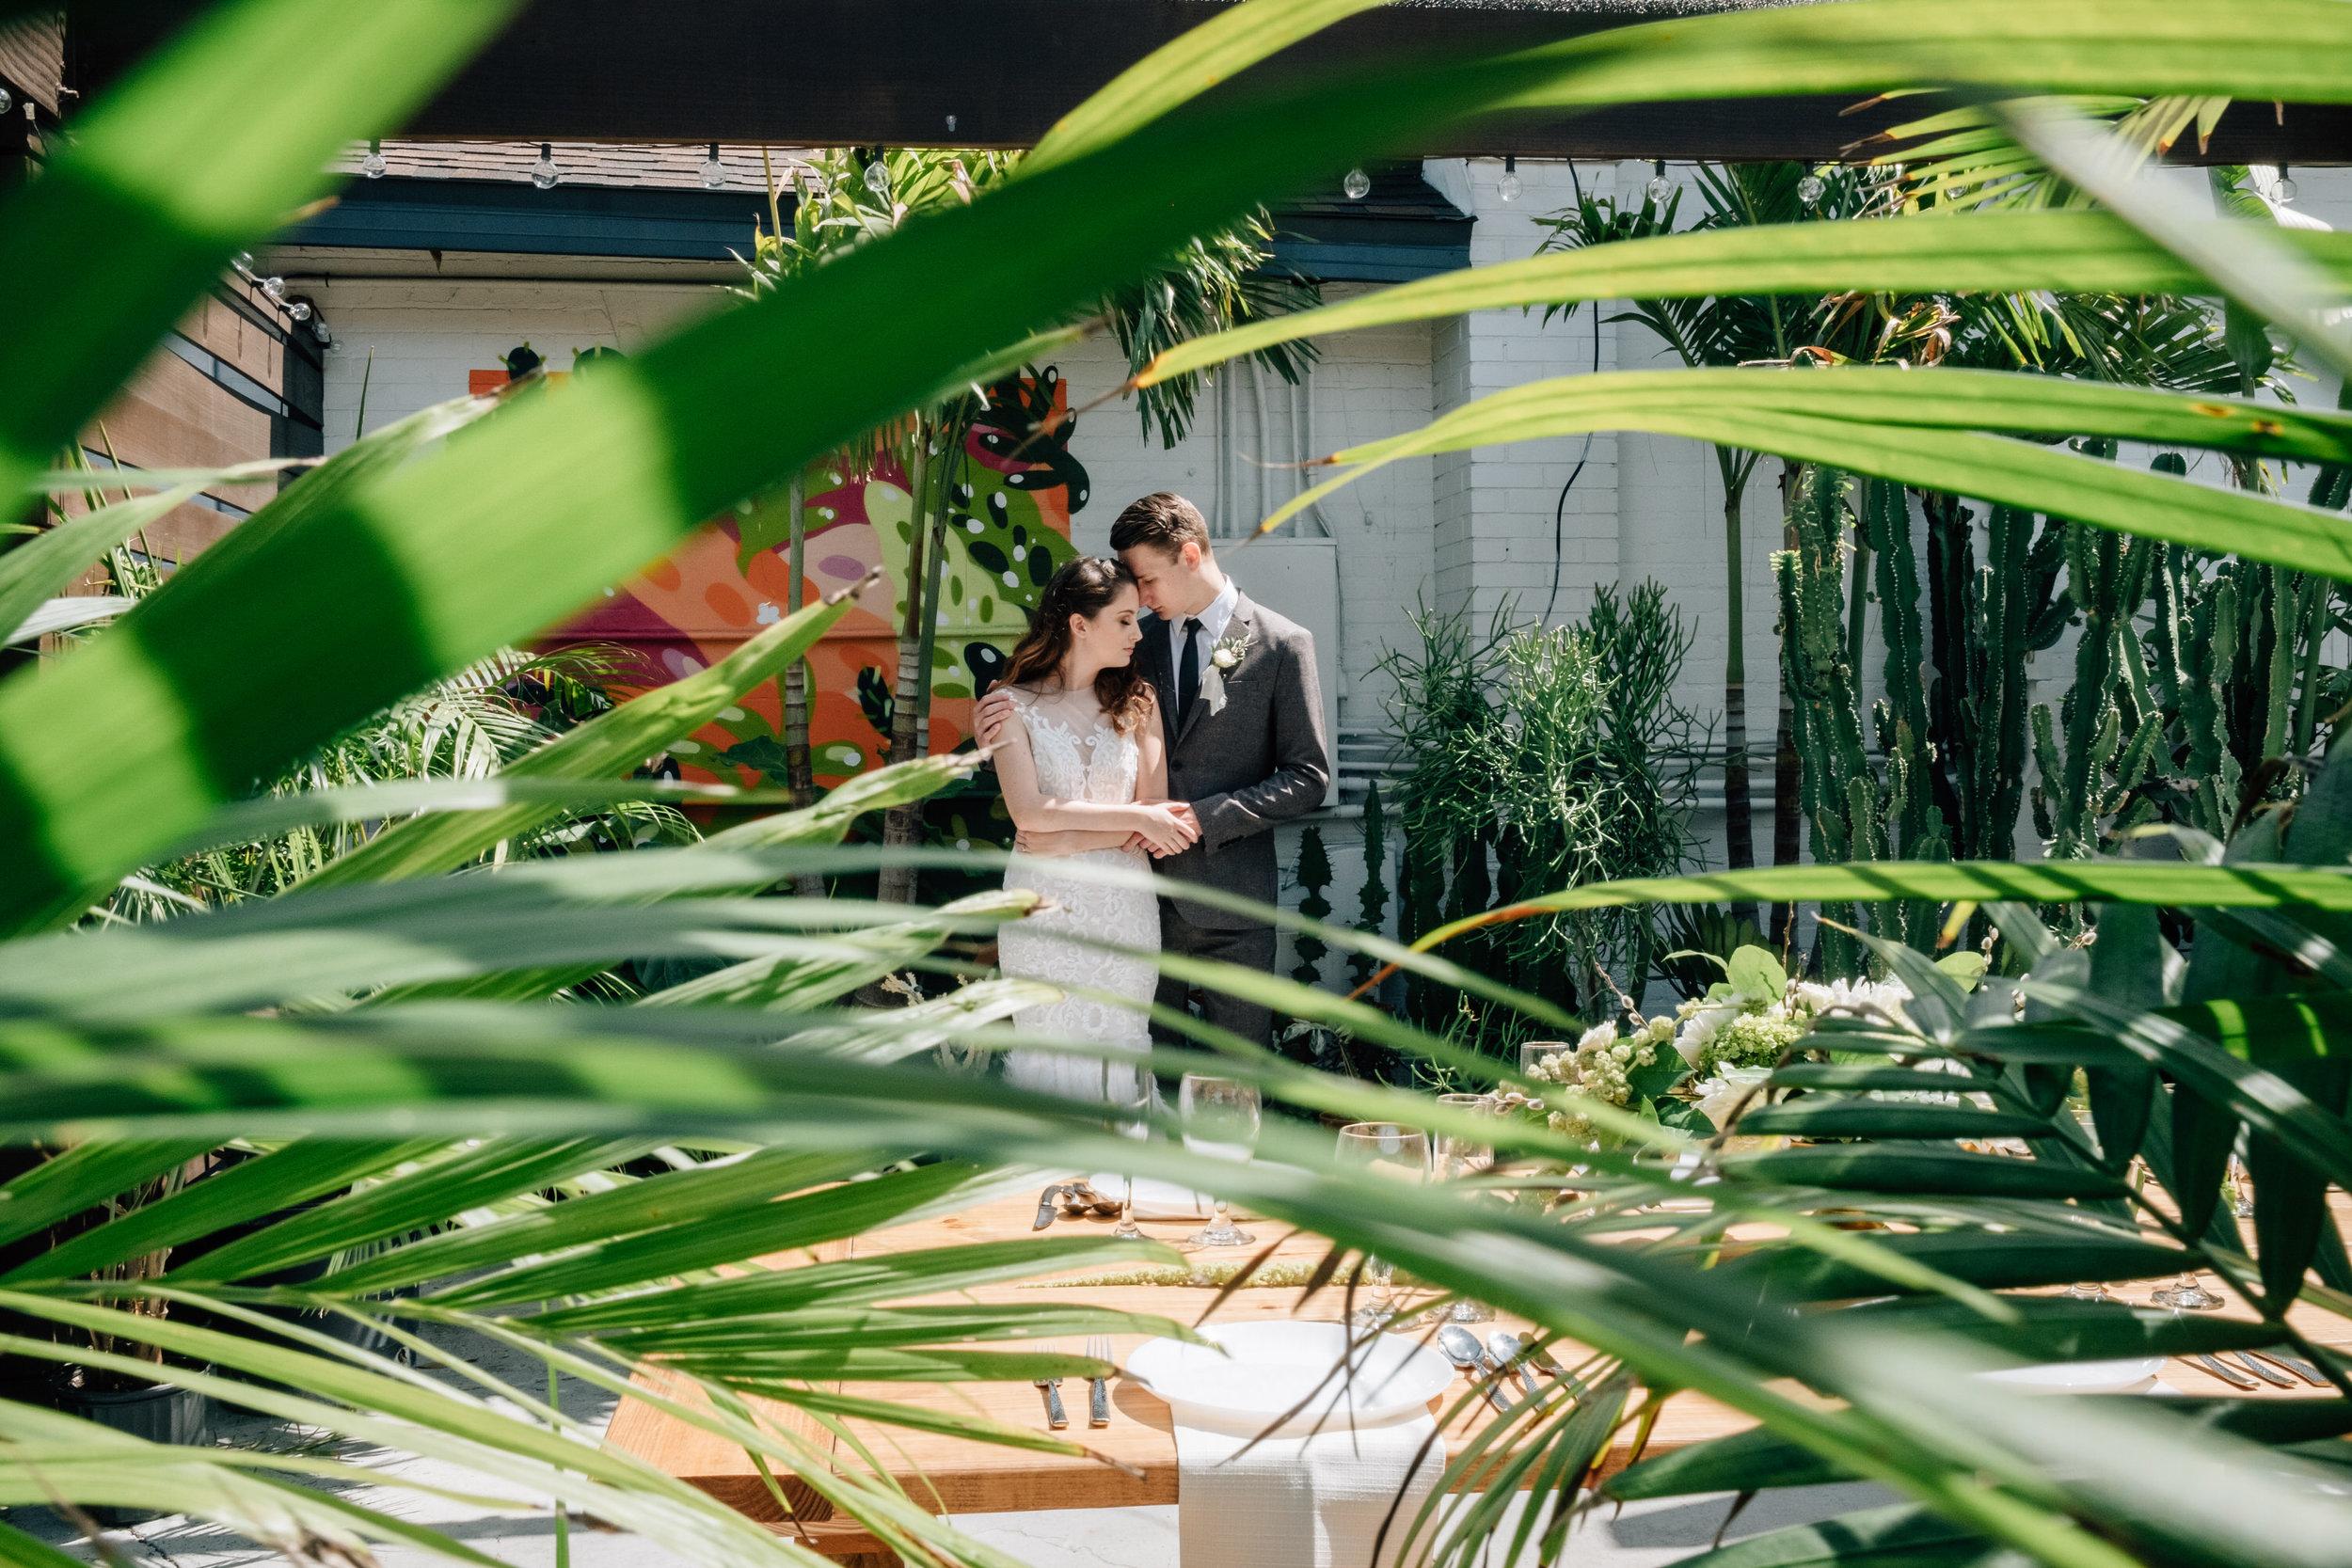 Amethyst Weddings Styled Shoot 3-25-18 114.jpg